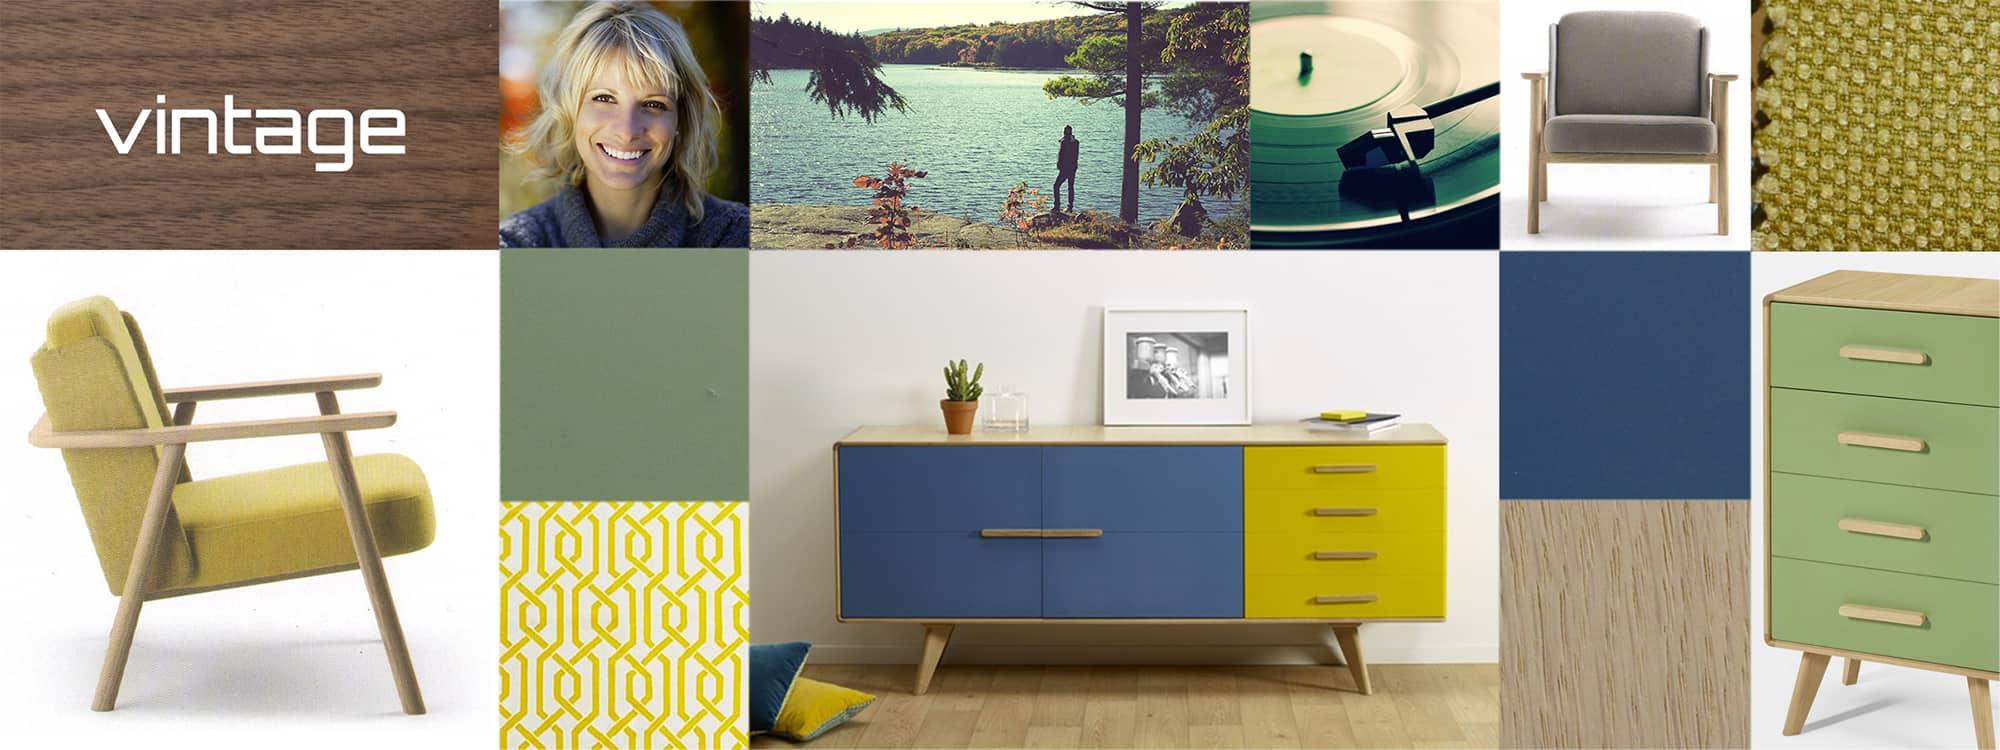 Atmosphere vintage meuble contemporain fabricant de for Atmosphere meuble